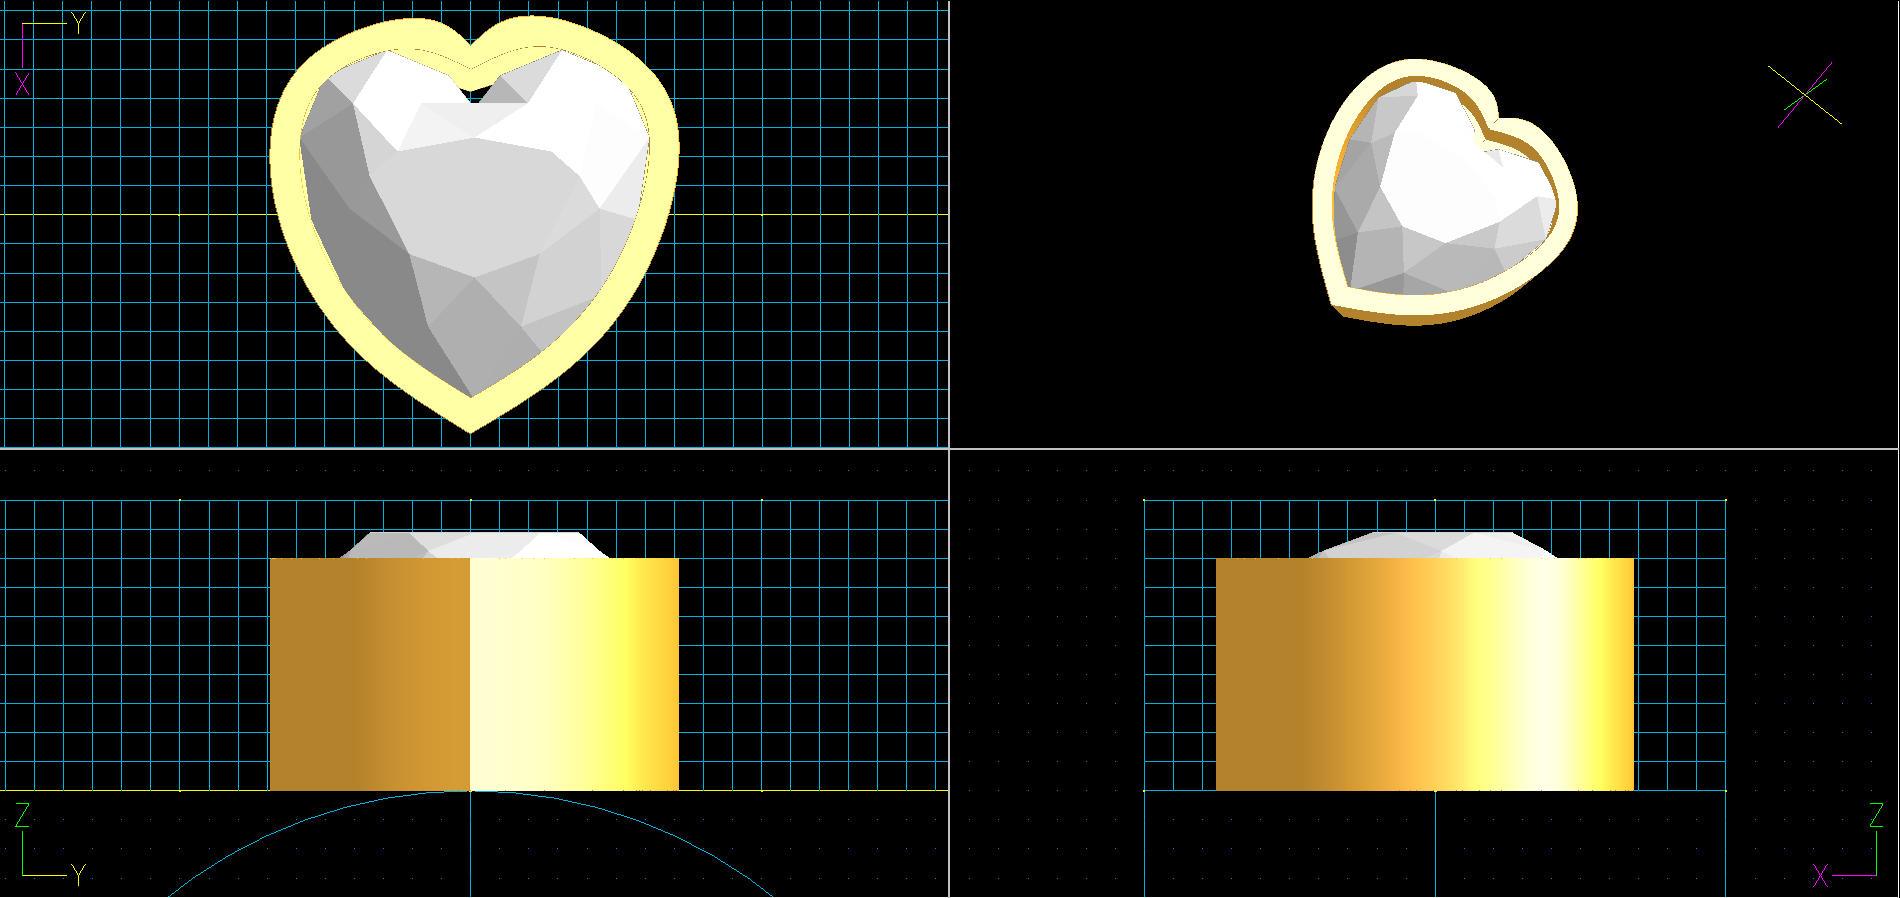 ハート形状は結構難しい。